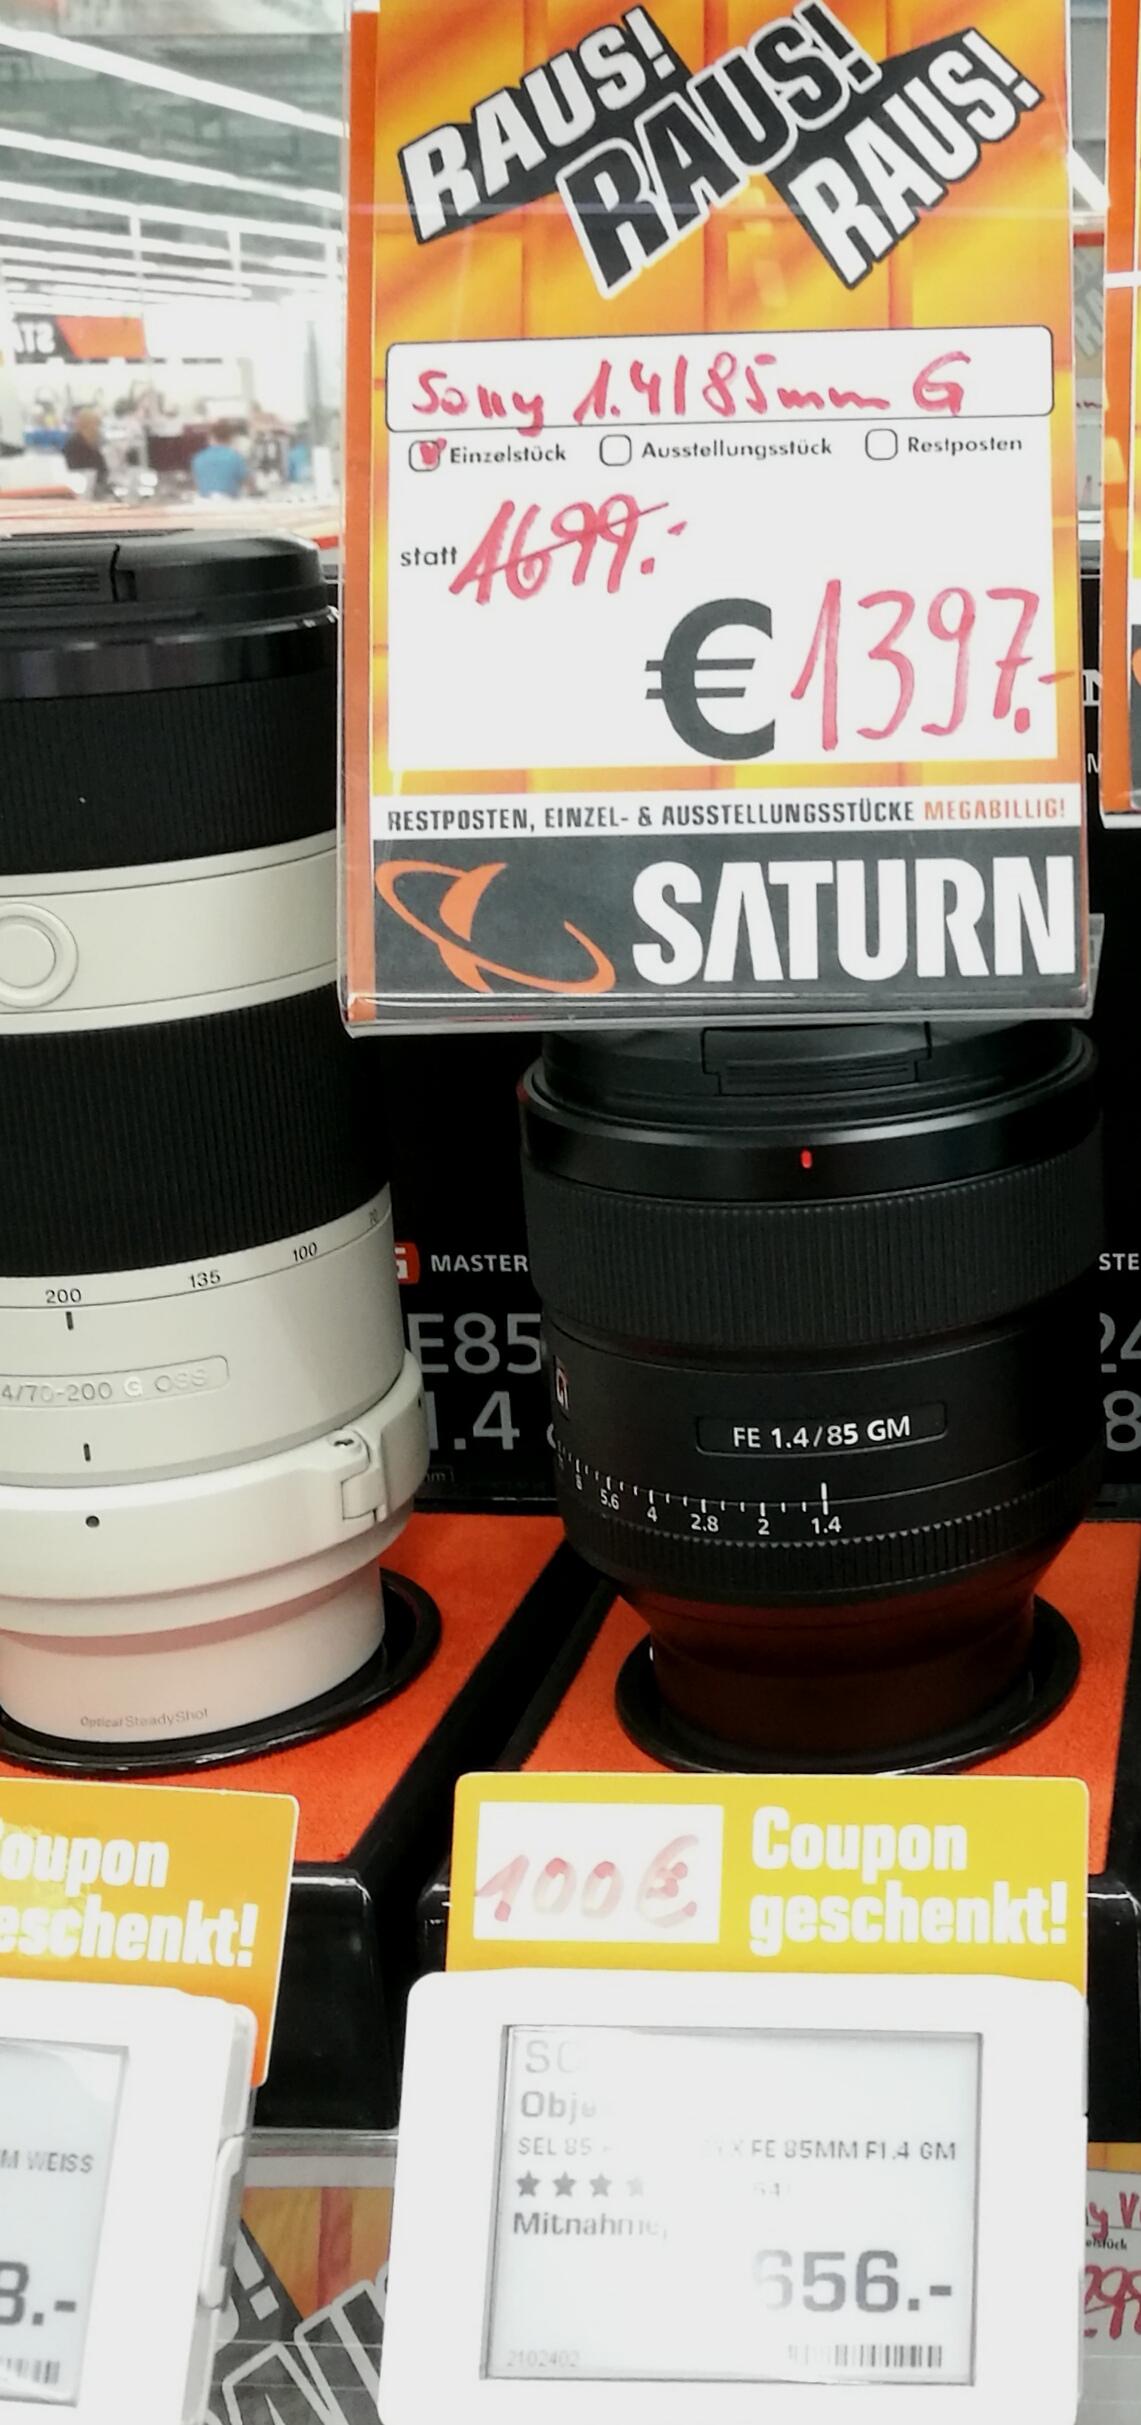 Objektiv SONY GMaster 85mm/f1,4 - Vitrinenstück im Saturn Essen Limbecker Platz - 1397€ + 100€ Saturn-Geschenkcoupon